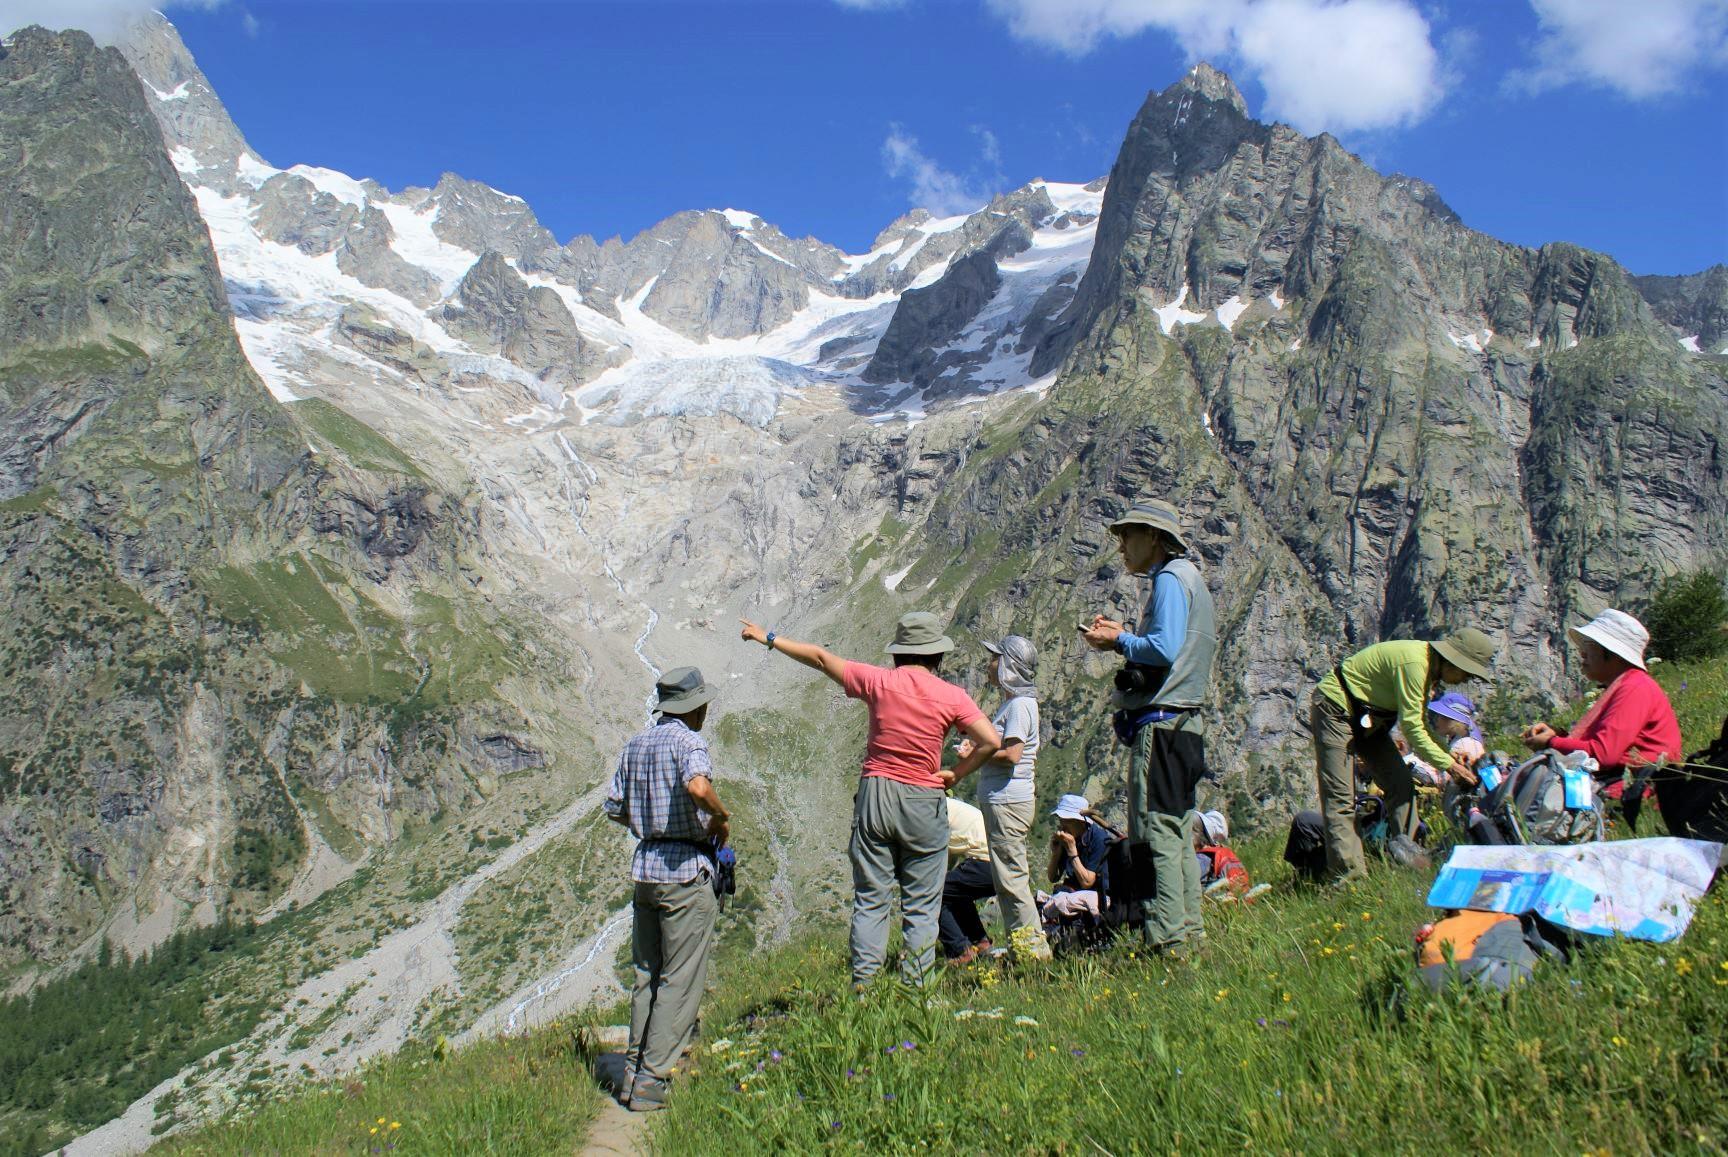 プレ・デ・バル氷河を正面にイタリア・スイス国境のフェレのコルへ(6日目)